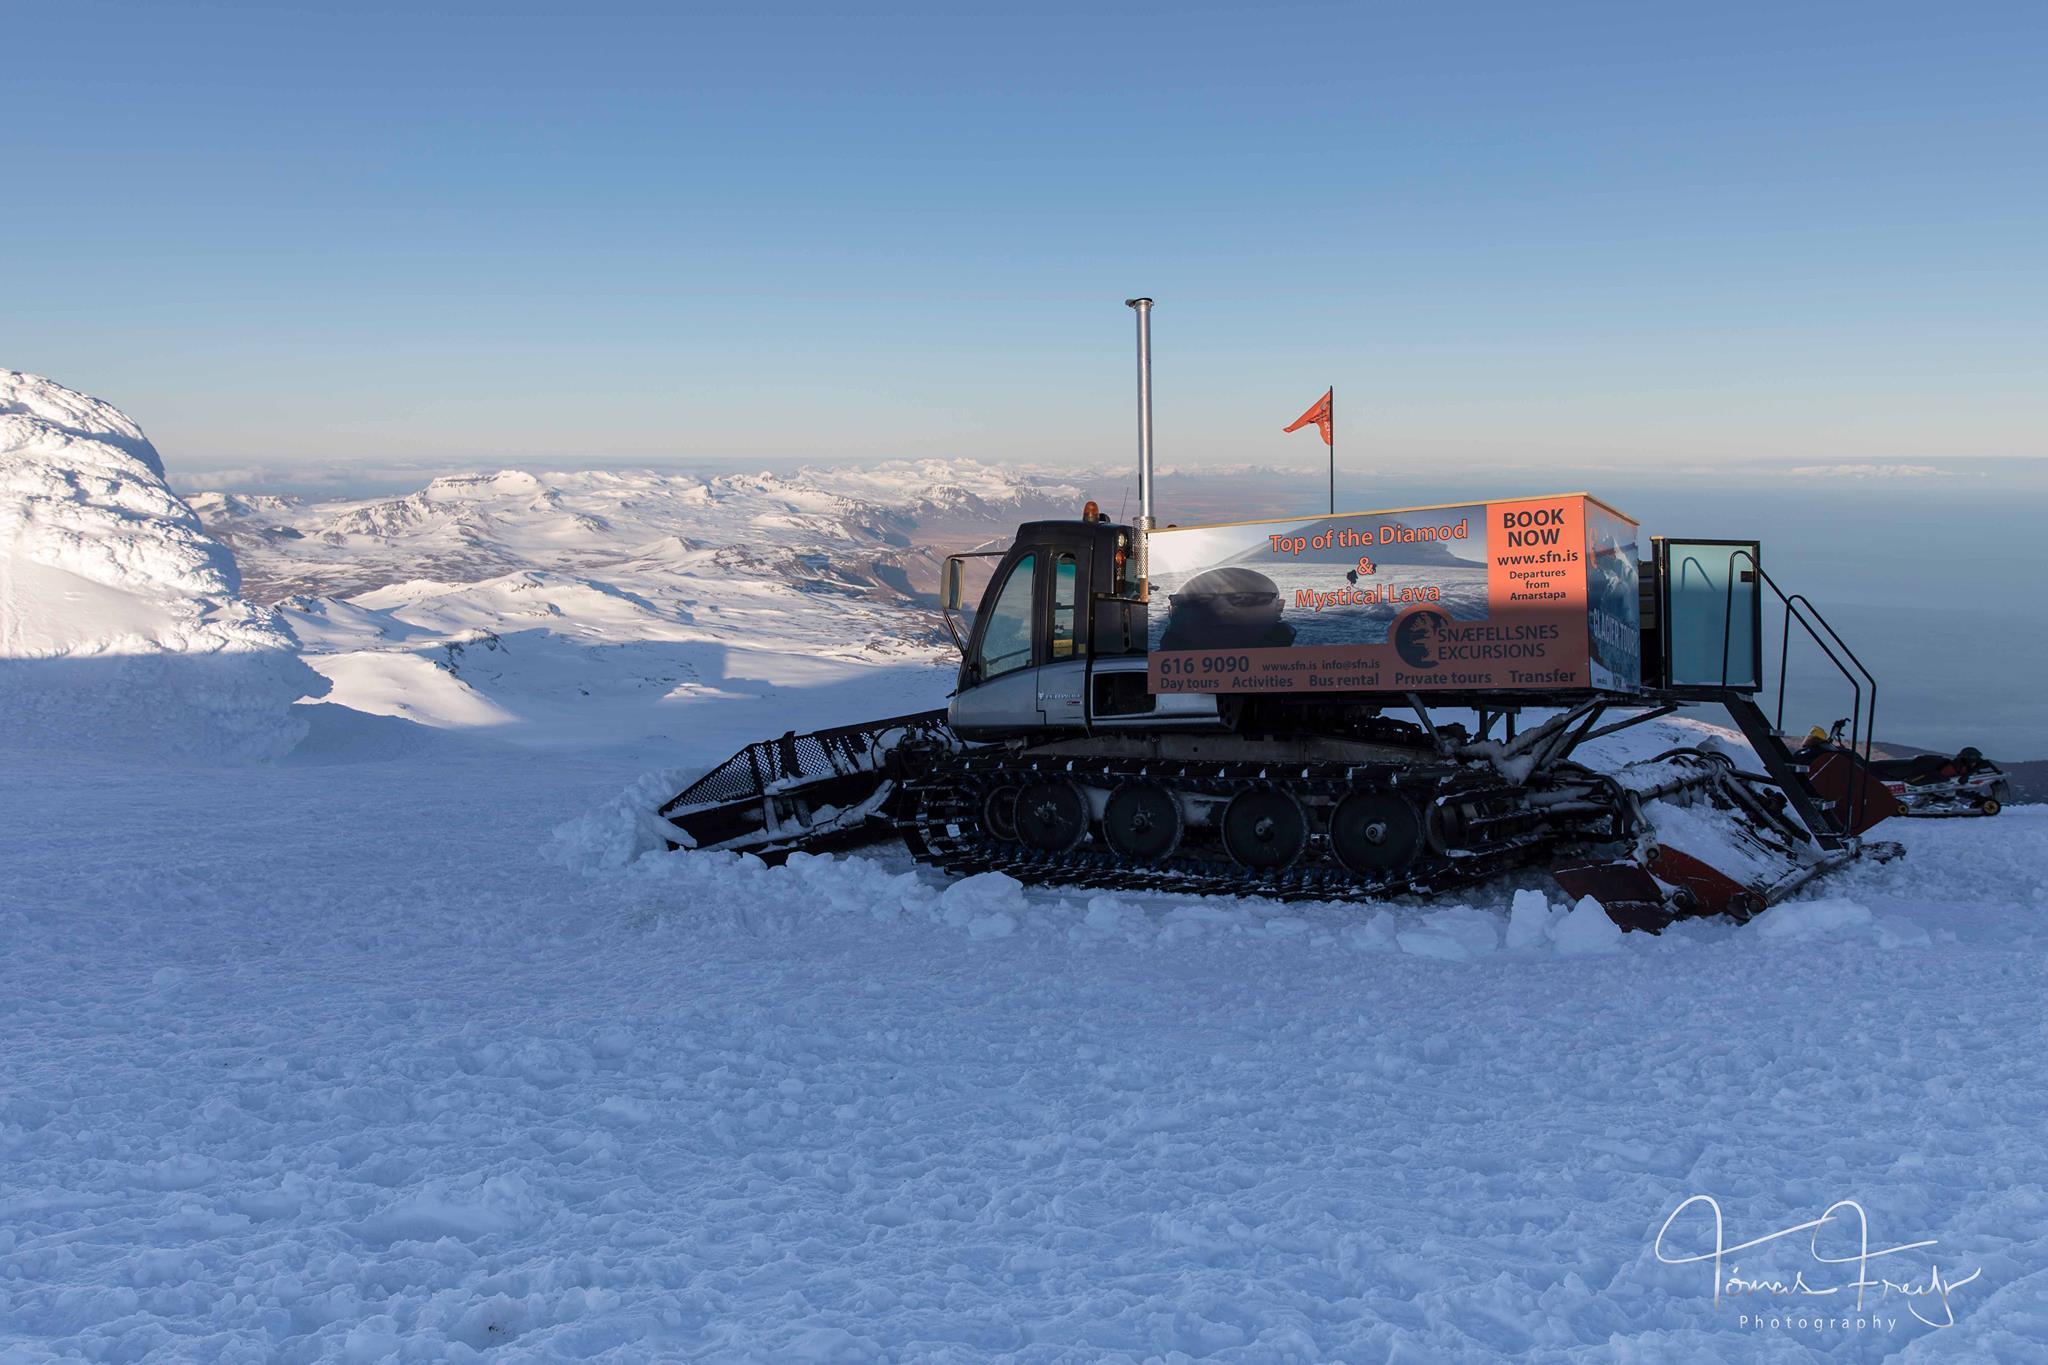 Snowcat på Snæfellsjökull-gletsjeren